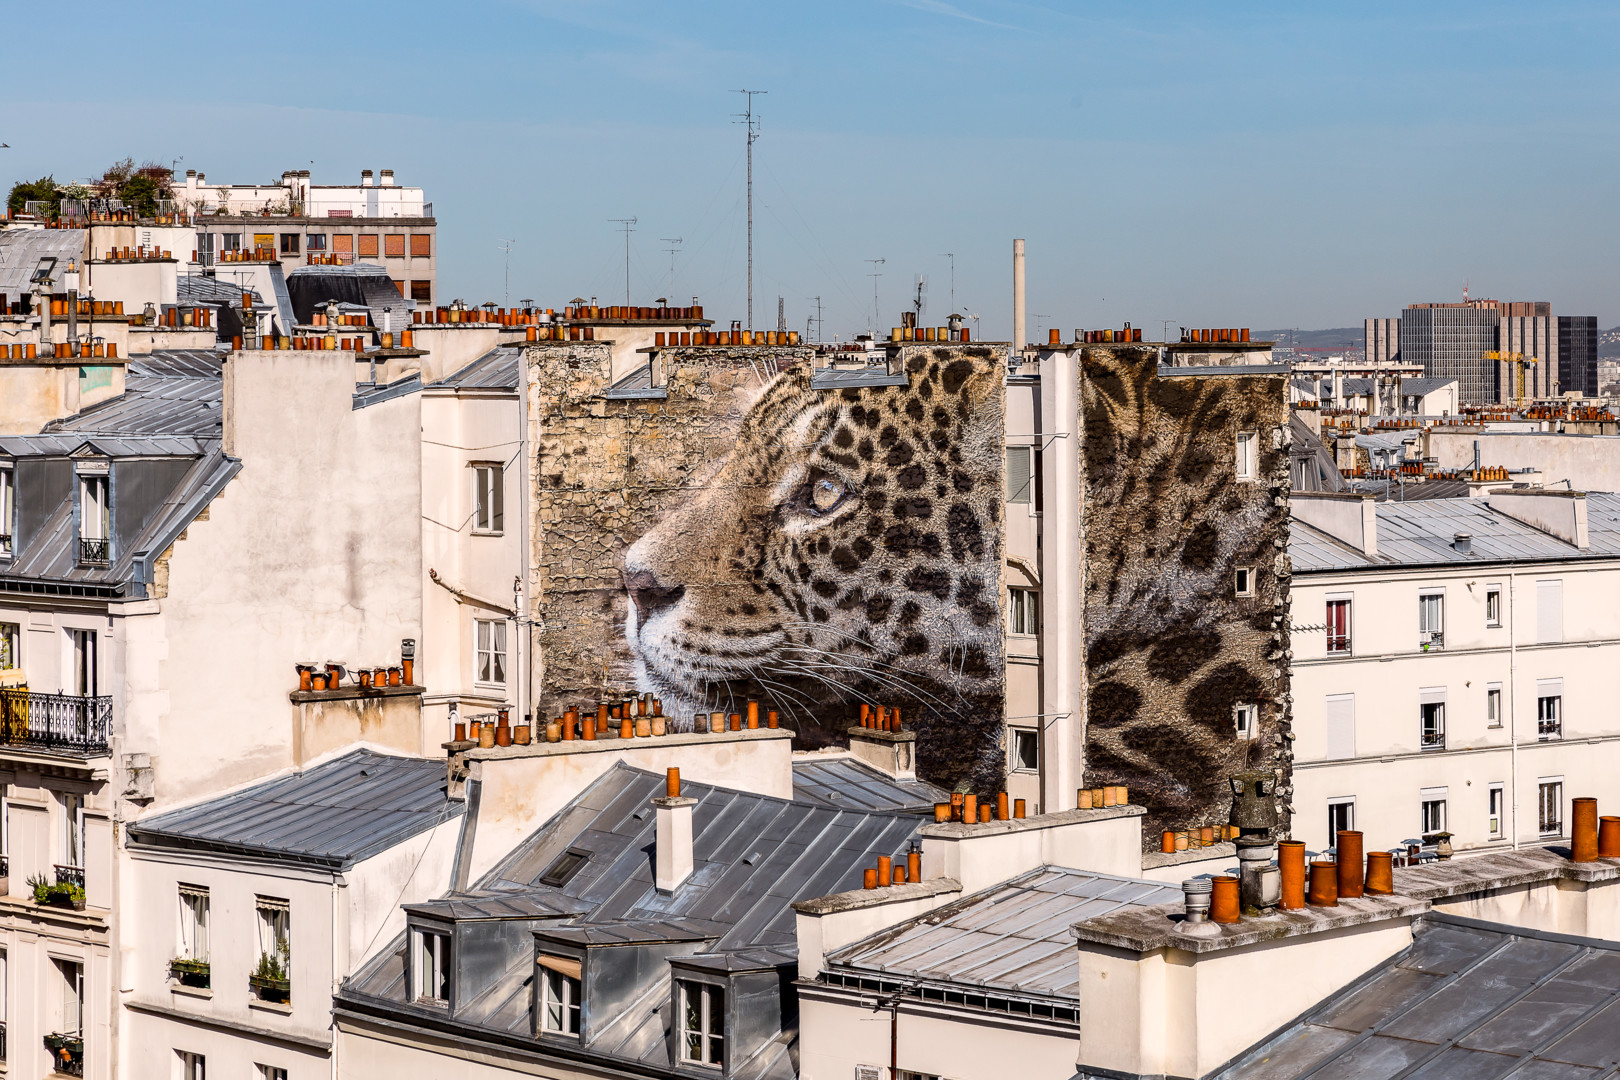 Maxl - Un léopard à Montmartre